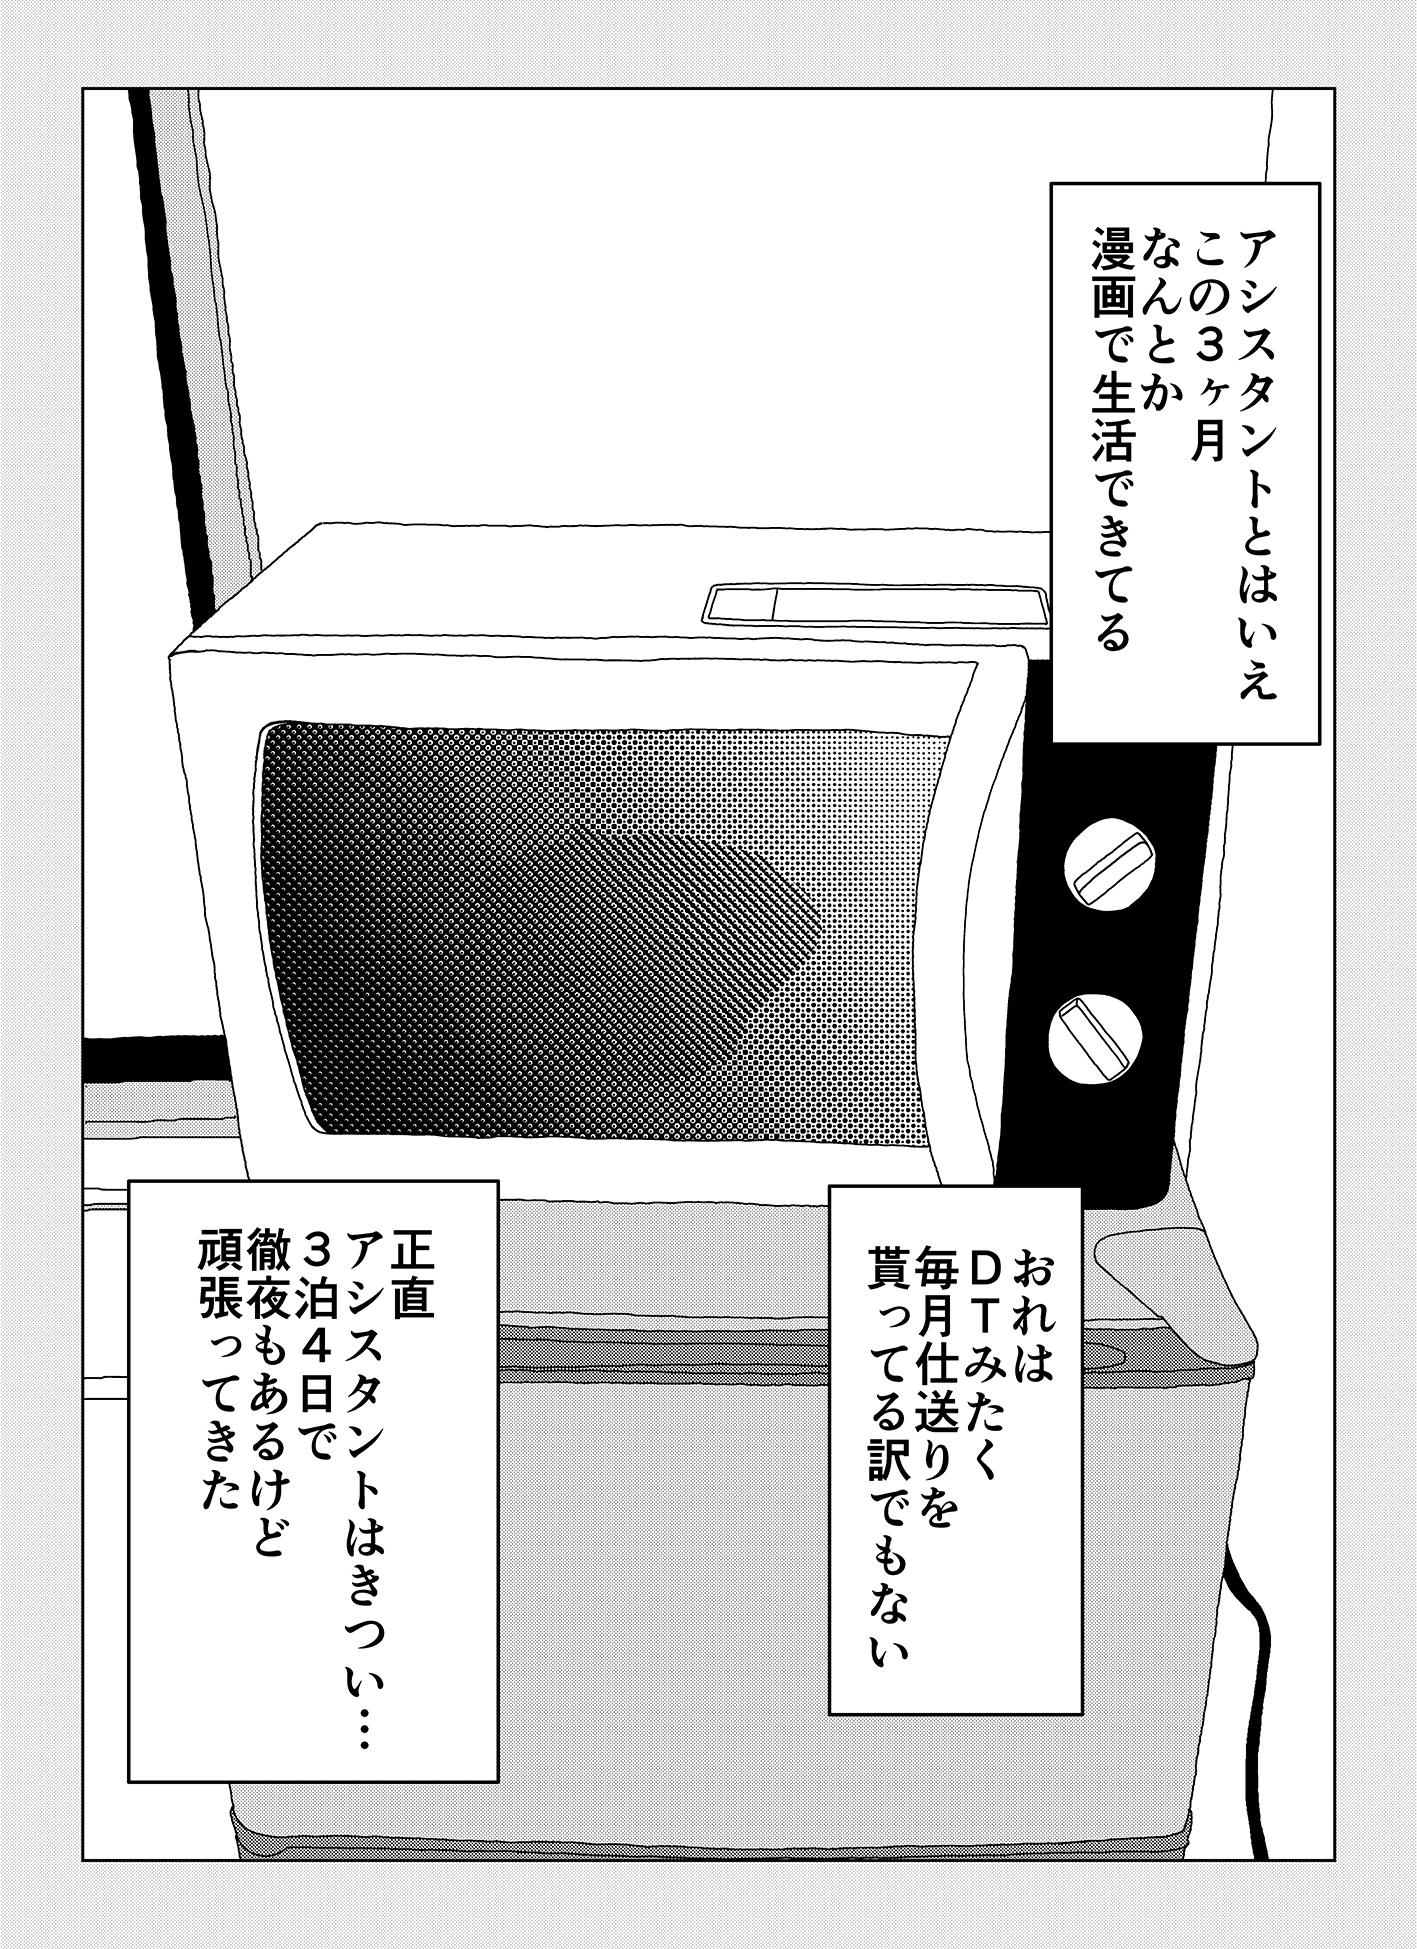 share_11_004